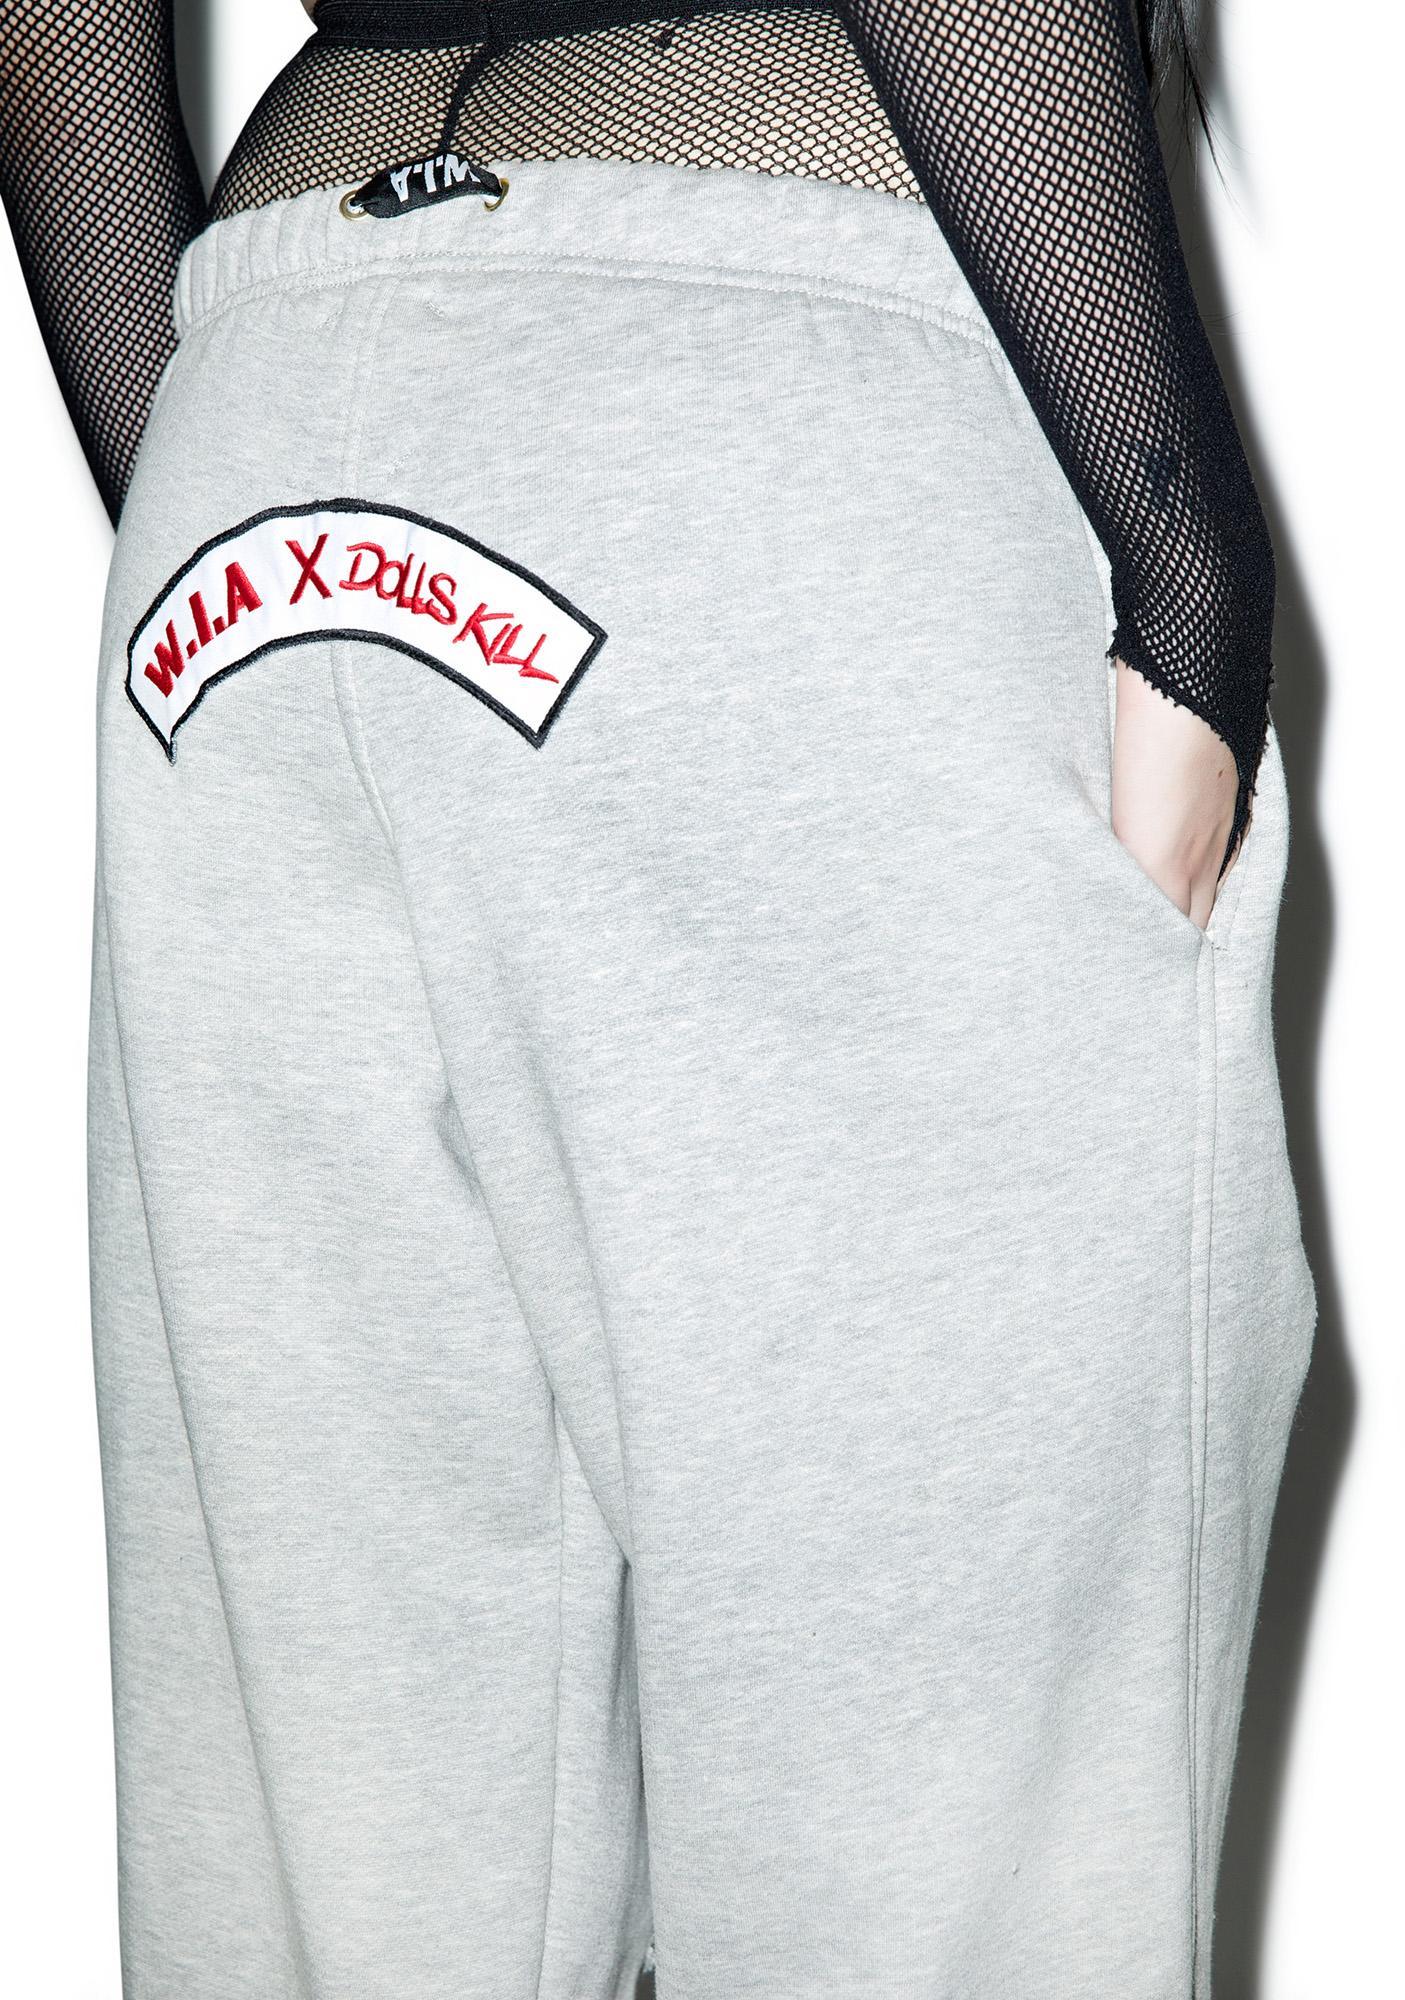 W.I.A Hole Sweatpants